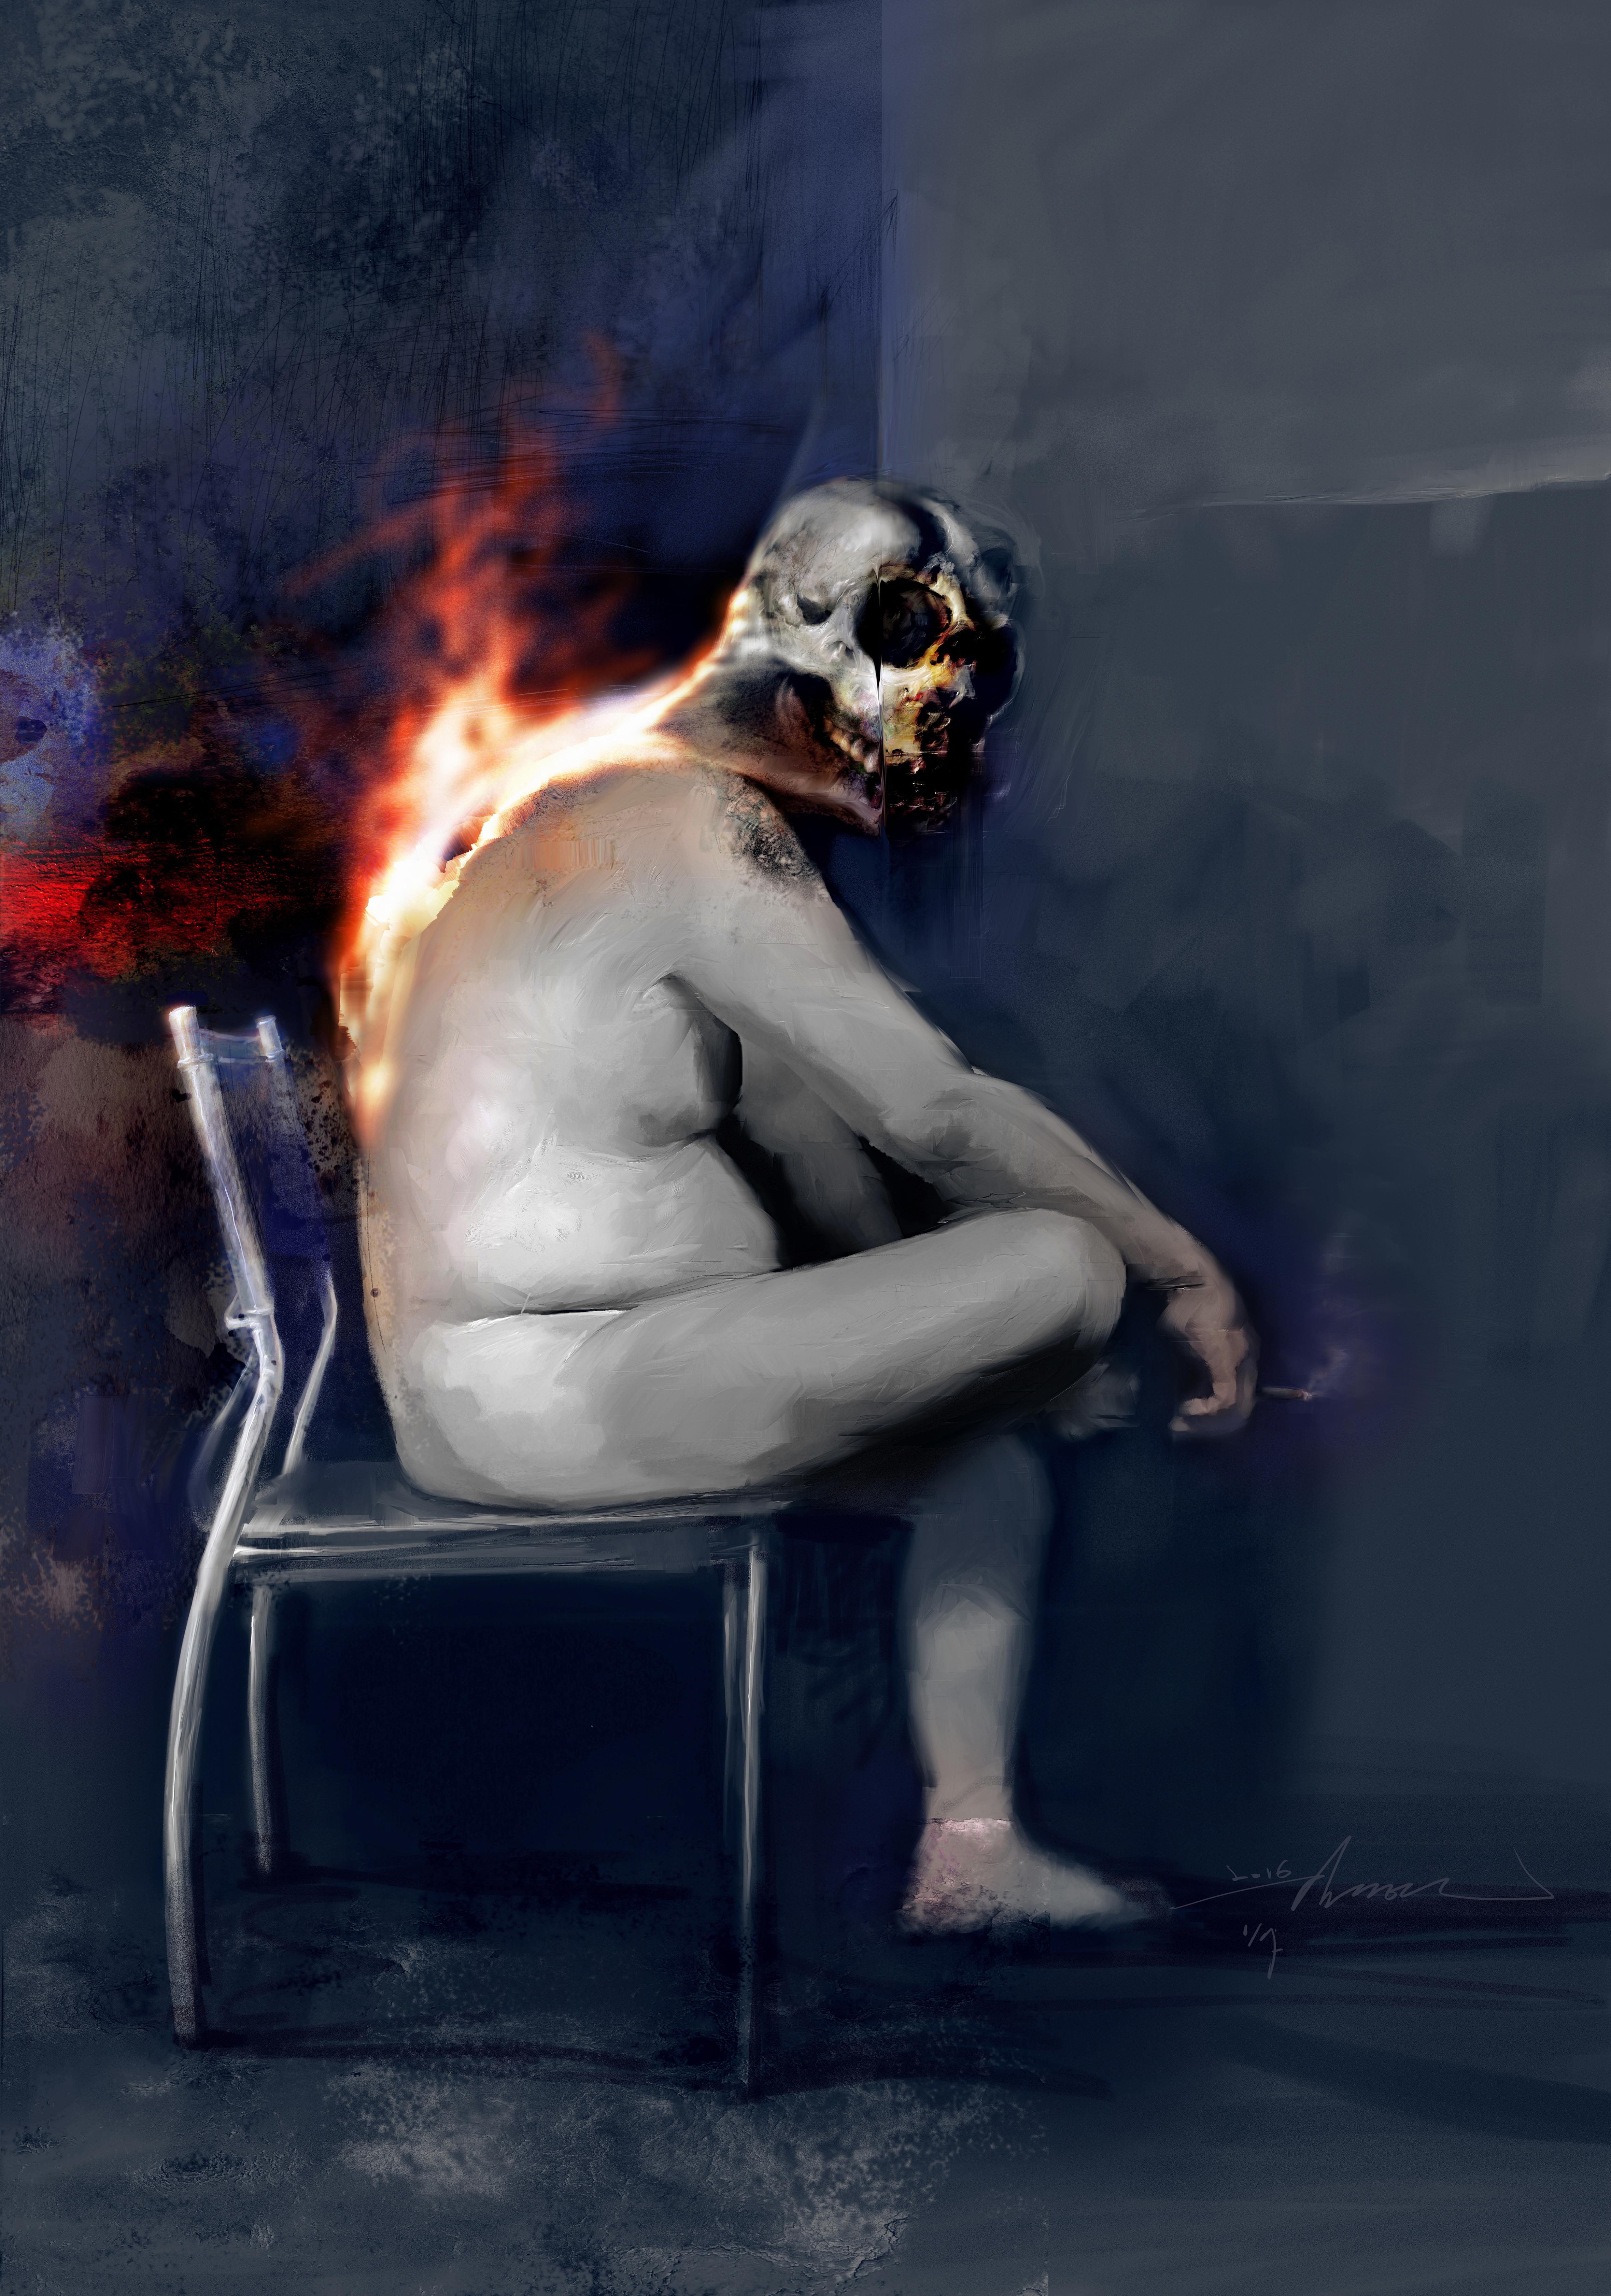 skullman. Dong Yeoun Kim